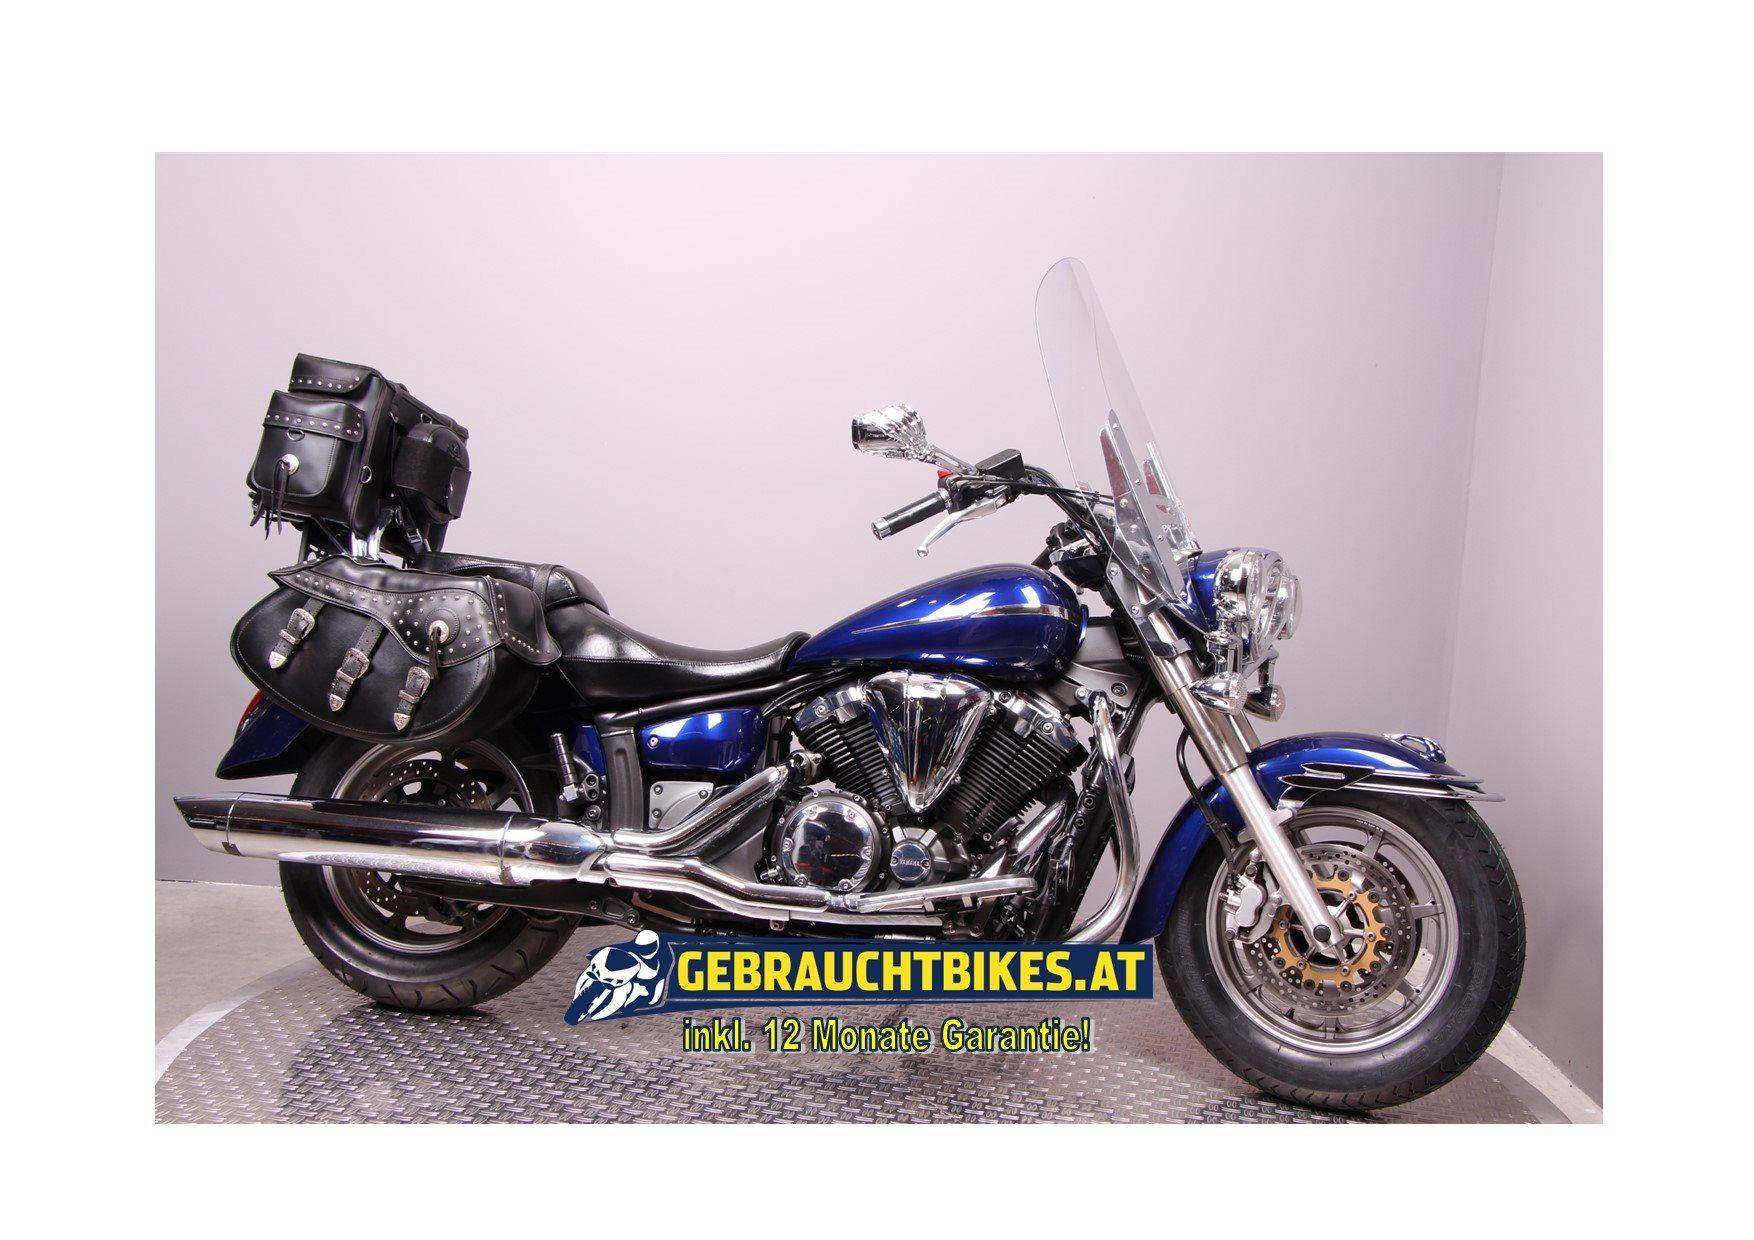 Yamaha XVS 1300 A Motorrad, gebraucht